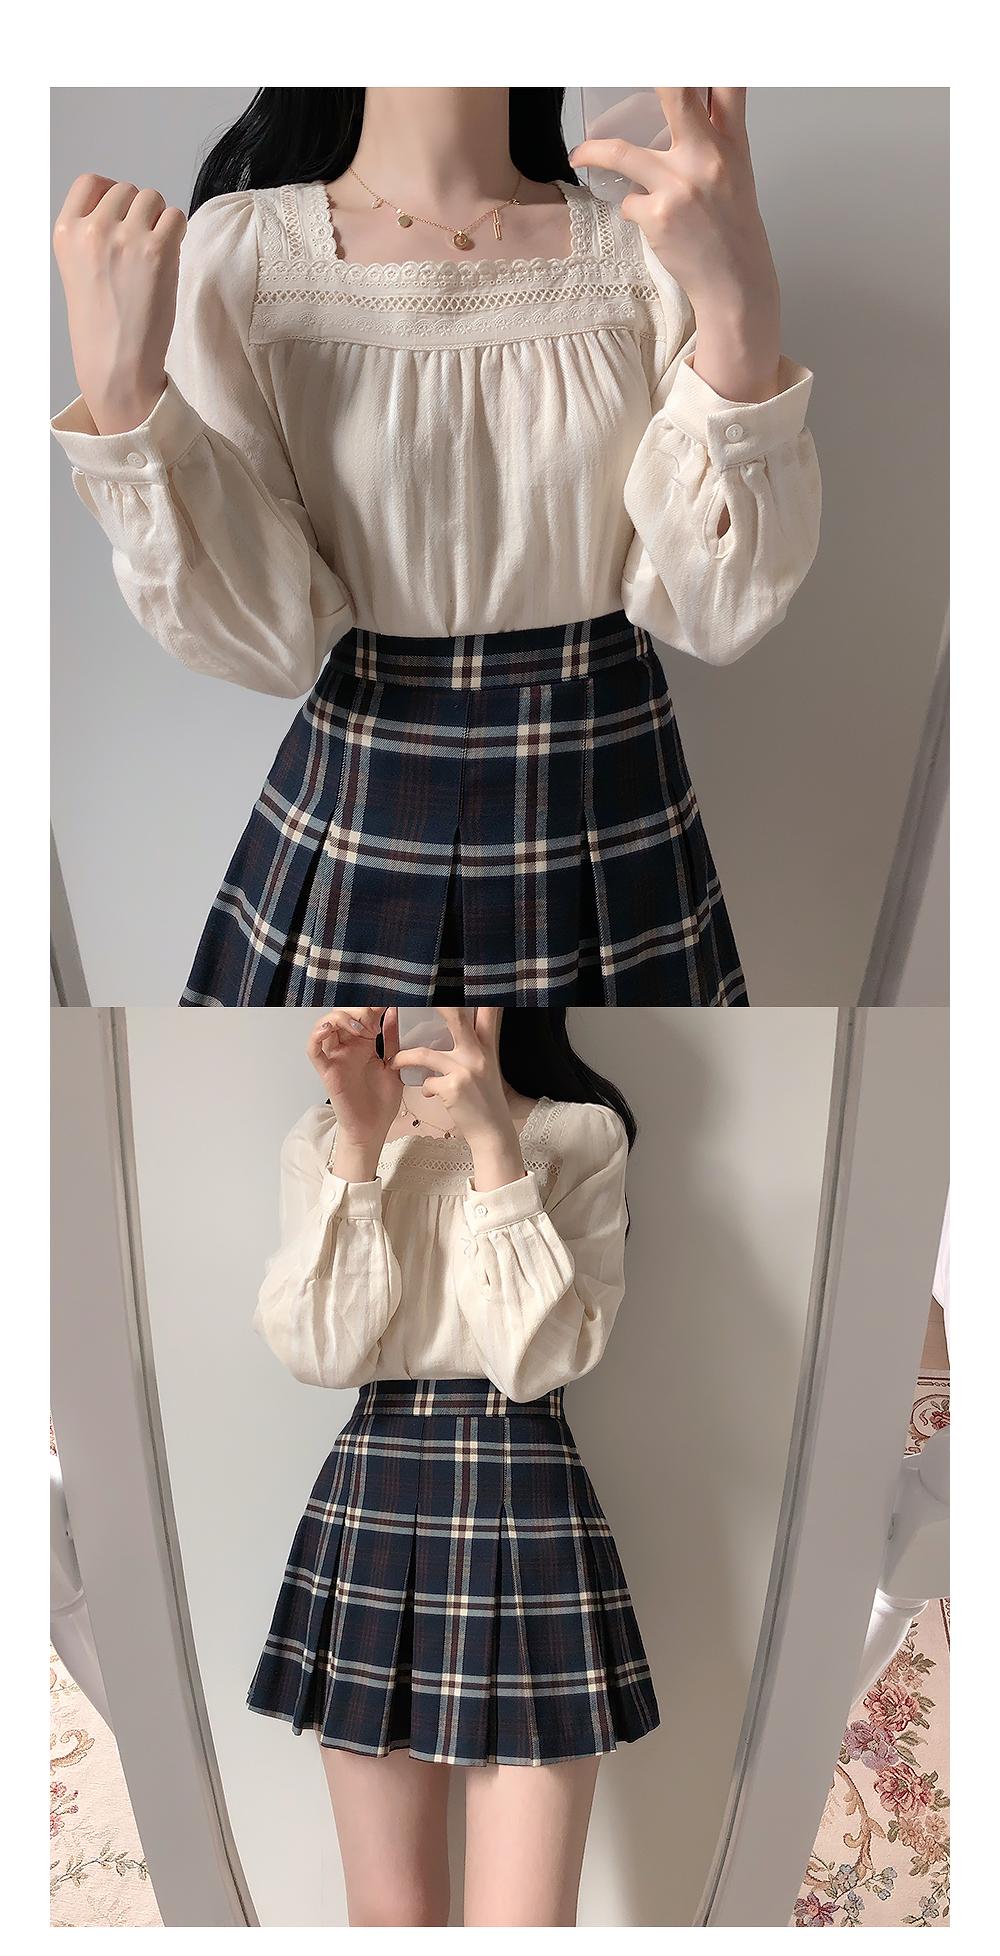 Autumn wind check mini skirt